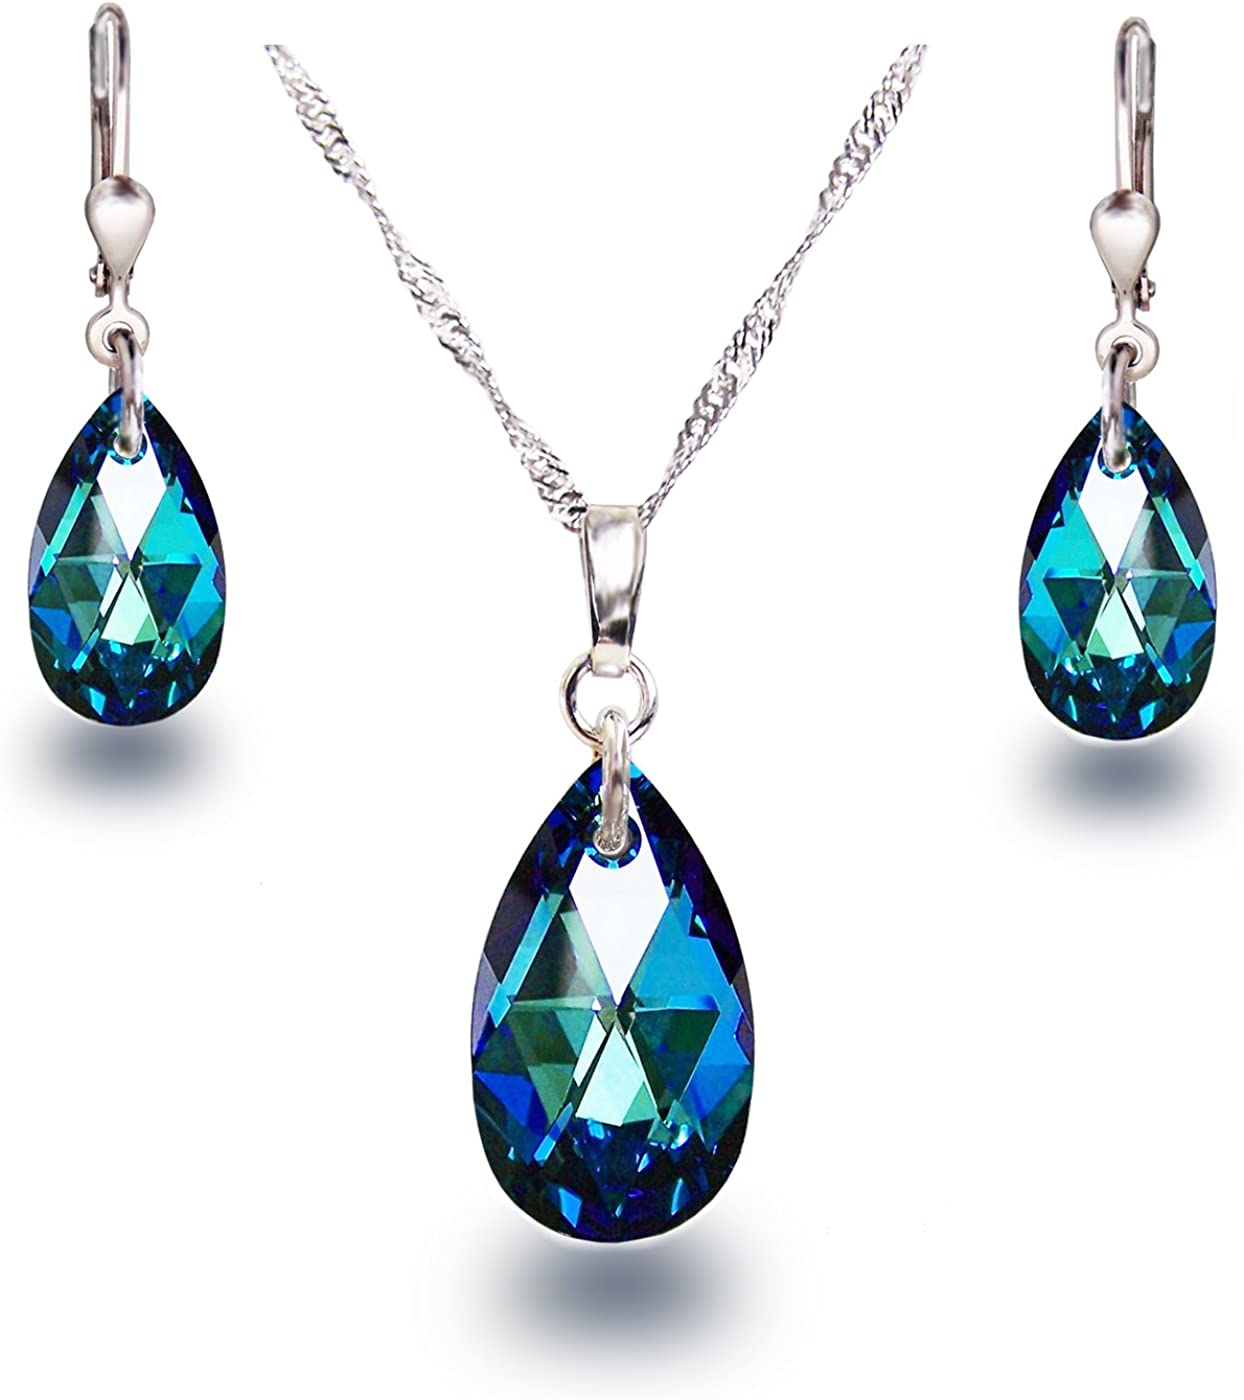 Schöner Schmuck-Design Schöner SD - Juego de Pendientes y Colgante, Cristales Swarovski, Plata 925 rodiada, diseño de Gota, Color Azul